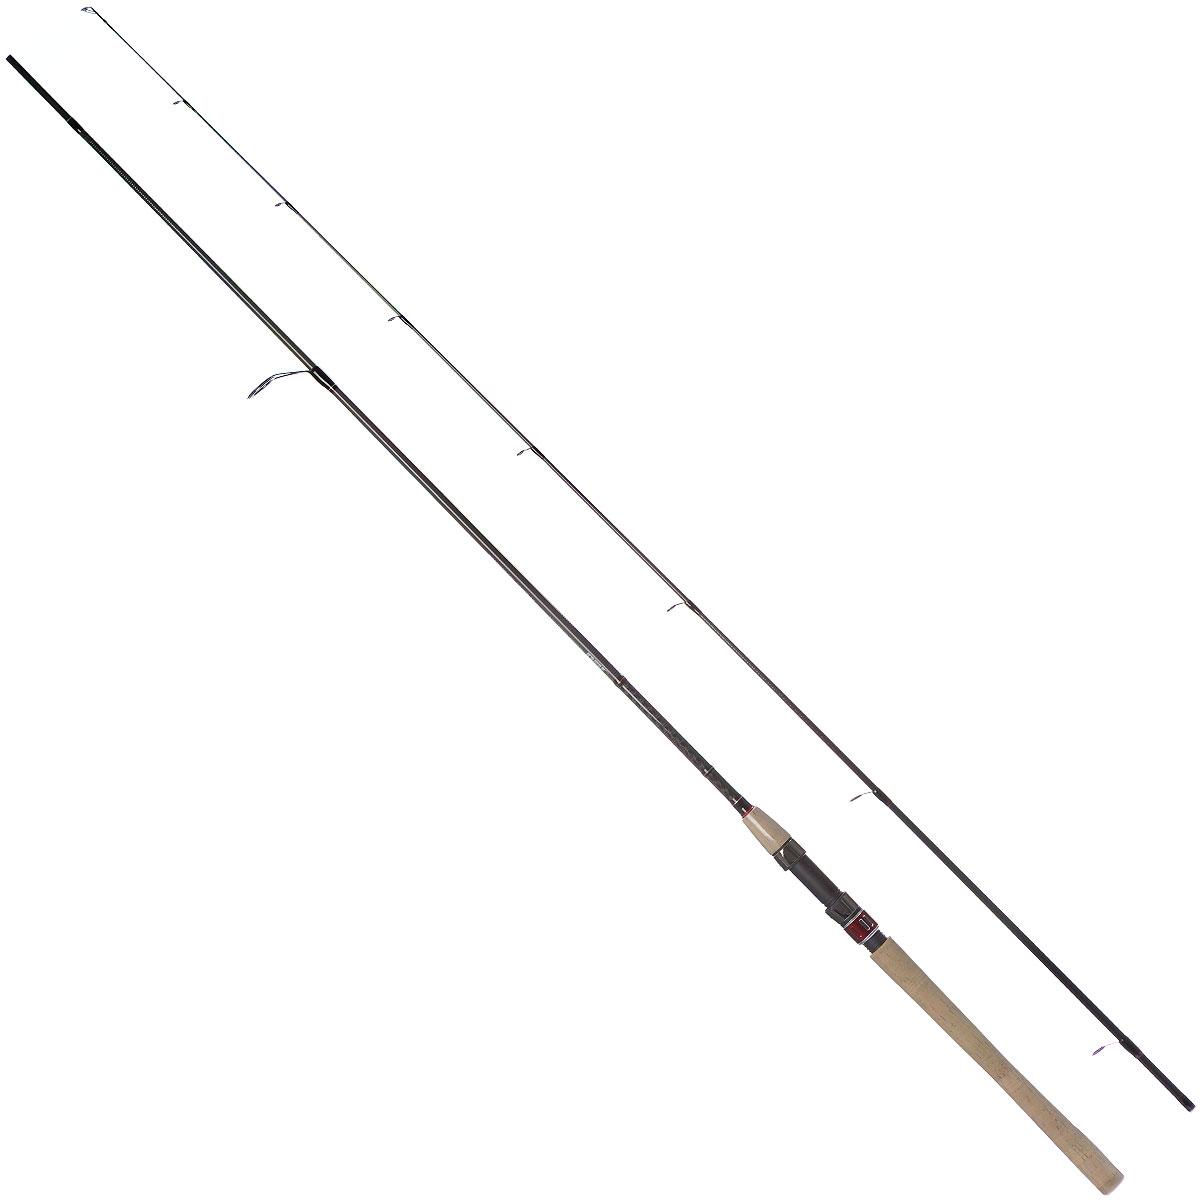 Удилище спиннинговое Daiwa Procaster Jigger, штекерное, 2,7 м, 7-28 г0049552Спиннинг штекерный Daiwa Procaster Jigger представляет собой классическое удилище для ловли на маленькие мягкие приманки, твистеры и джиги. Спиннинг оснащен 30 мм стартовым кольцом на одной лапке и пробковой рукоятью. Длина: 2,7 м. Тест: 7-28 г.